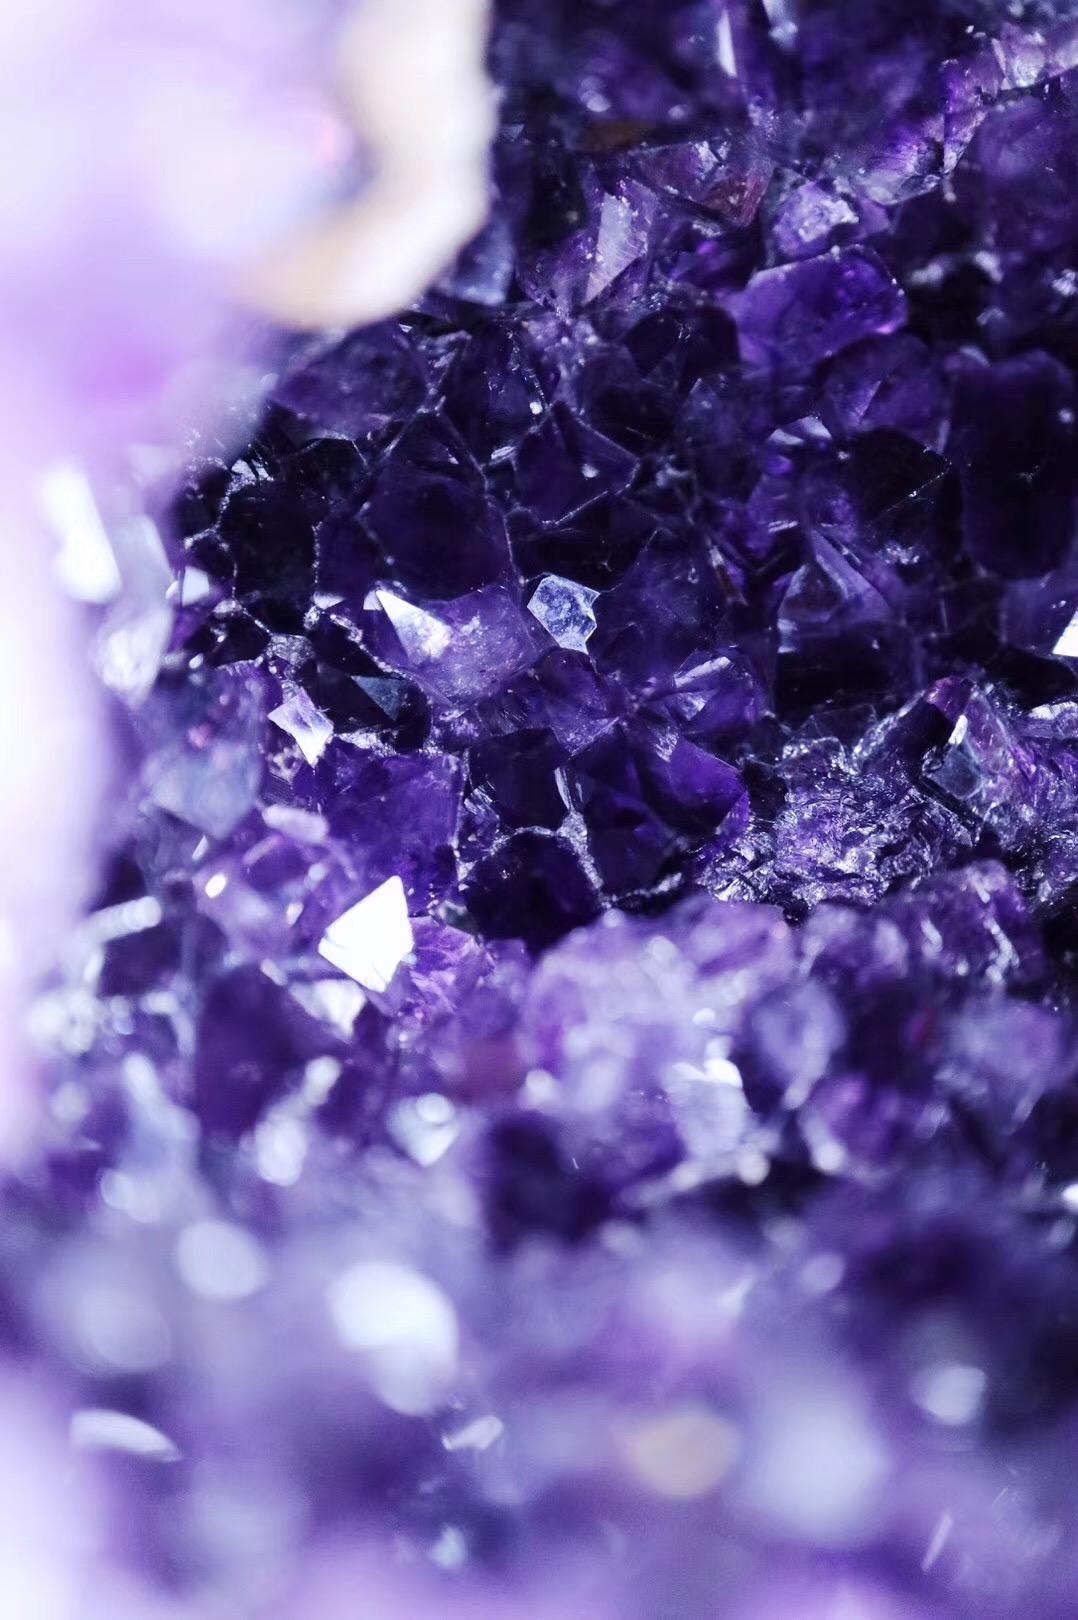 【菩心·原矿紫晶洞】藏着一枚白水晶矿石,就如珍珠般-菩心晶舍